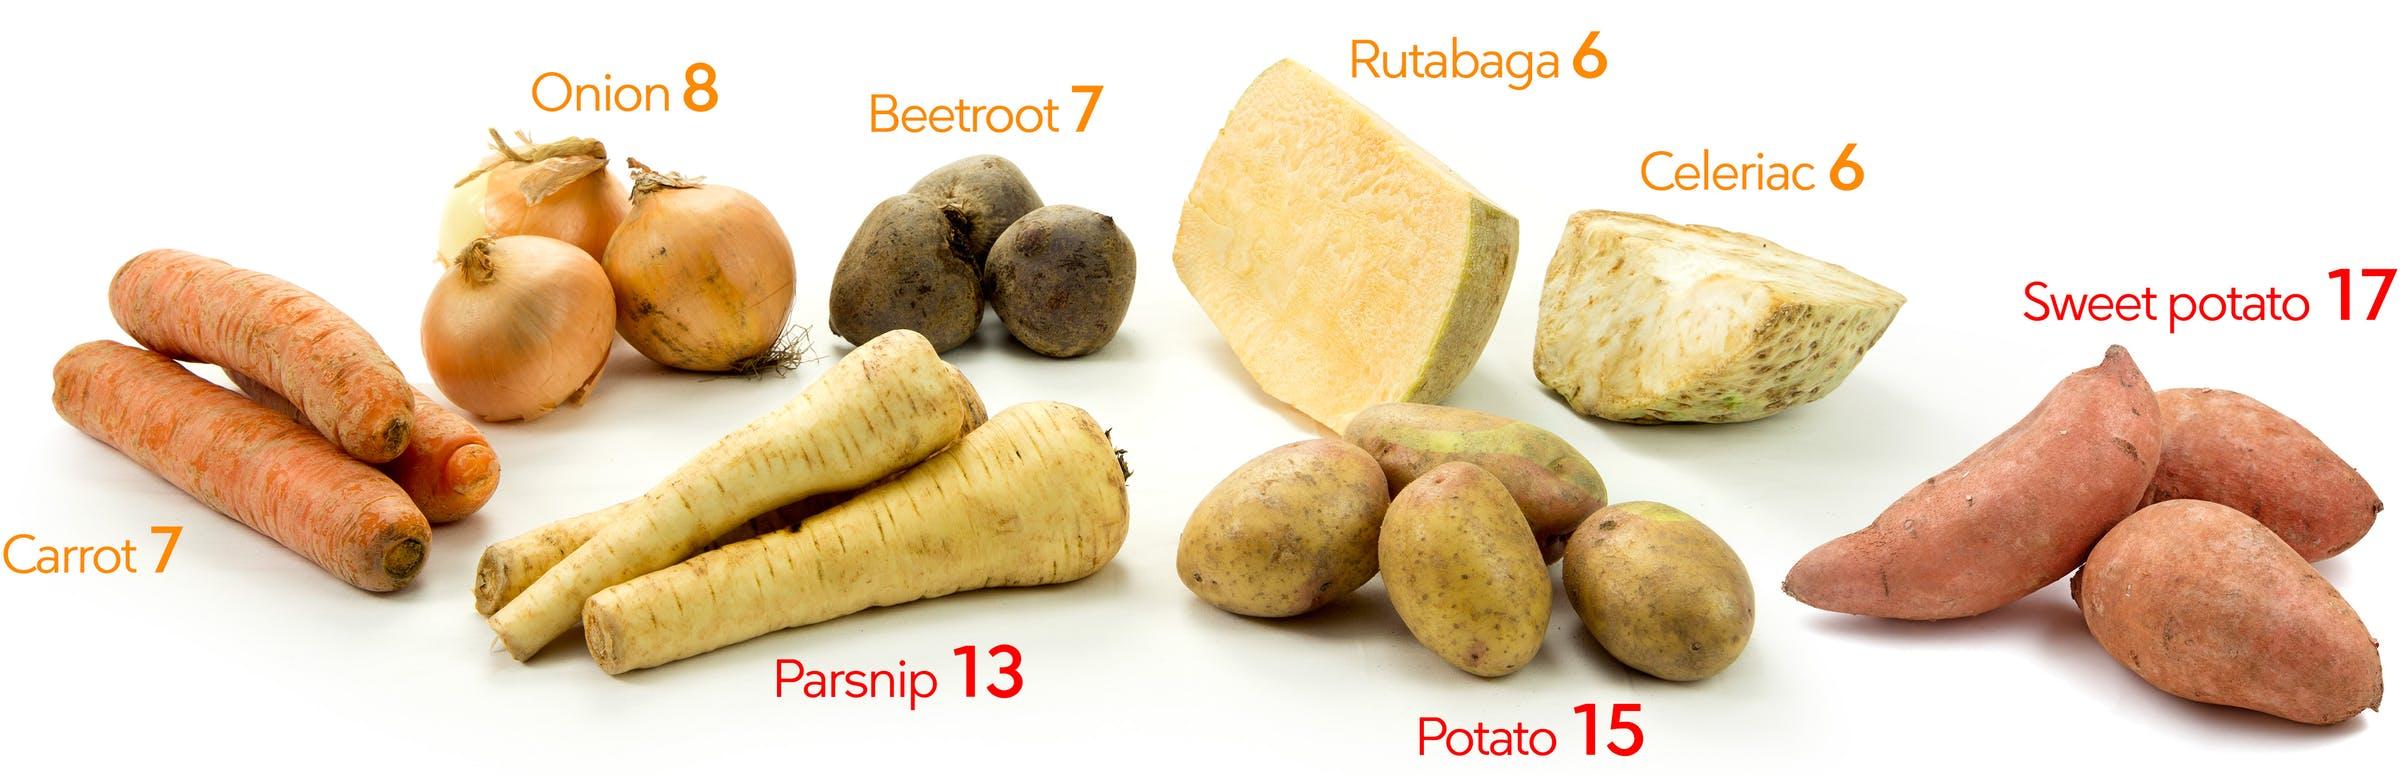 Keto-vegetables-BG-3.jpg